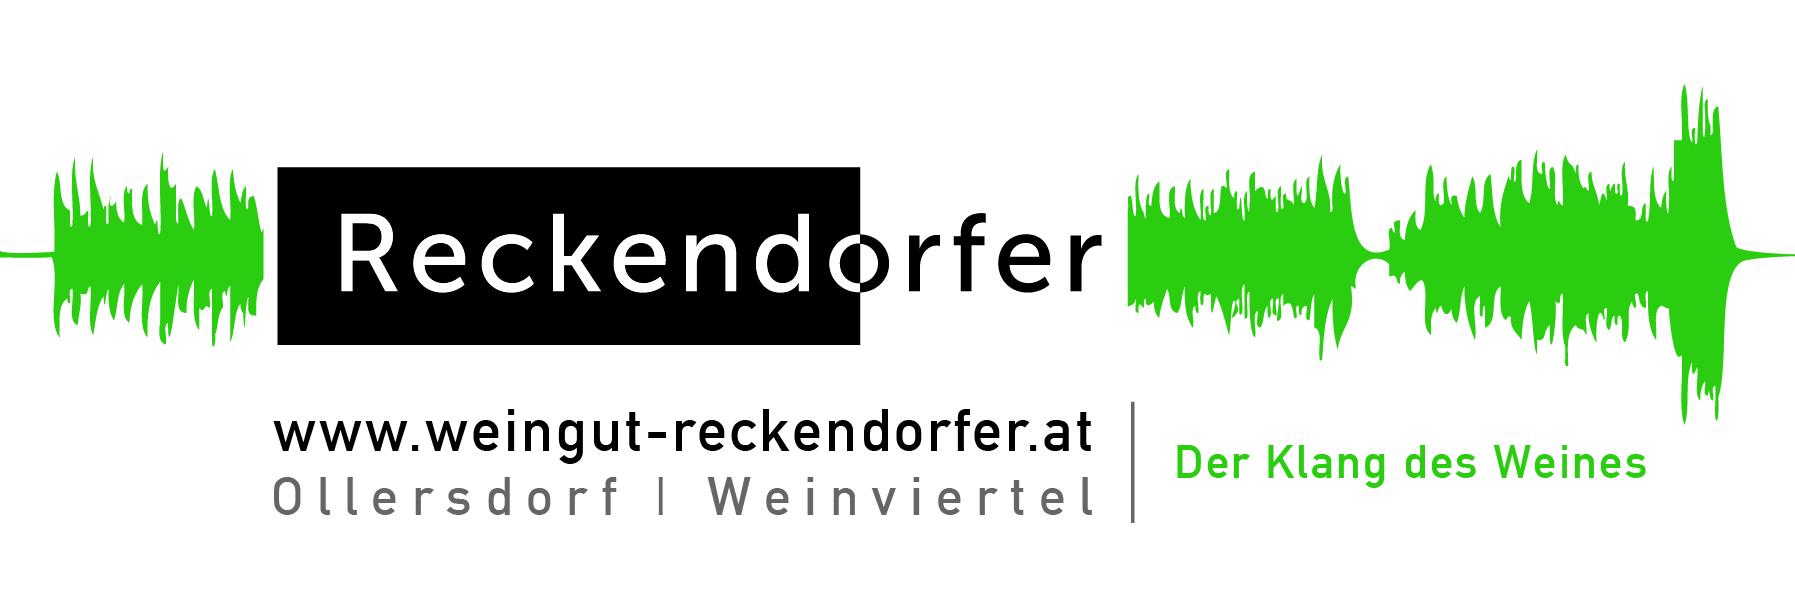 Banner Reckendorfer